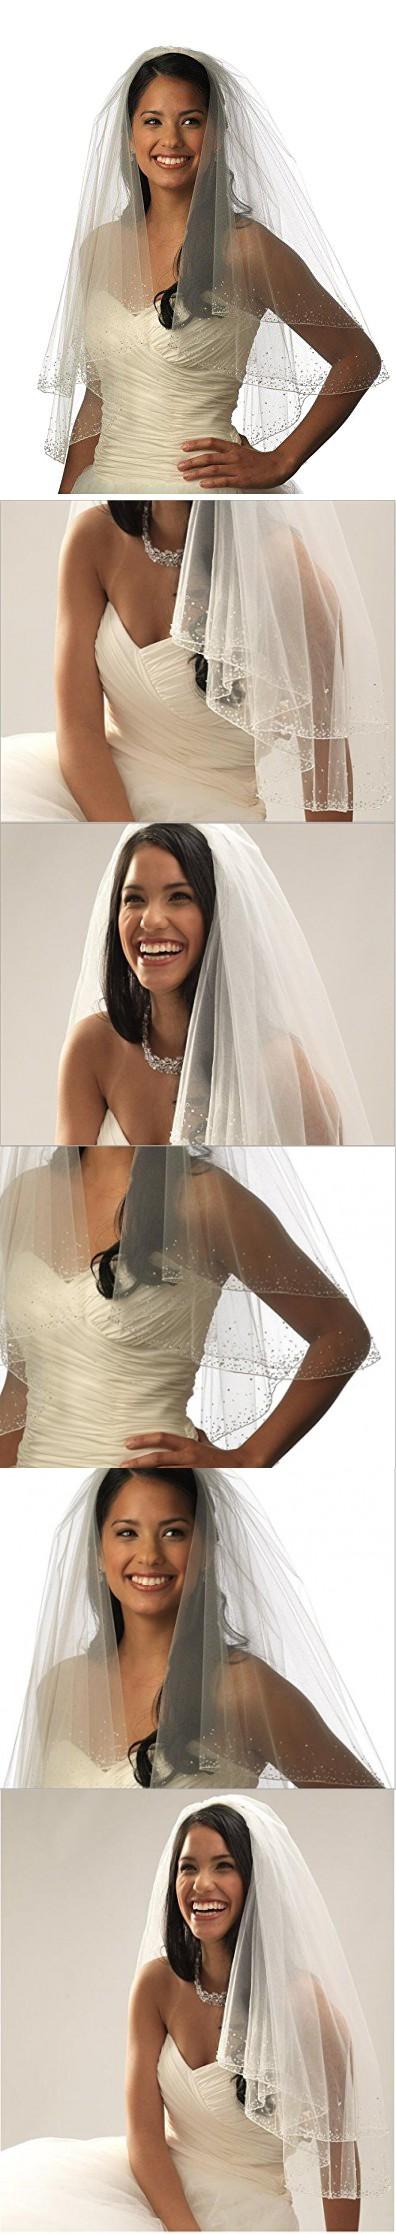 Itacazzo t ties new cut wedding blusher veils short wedding veil